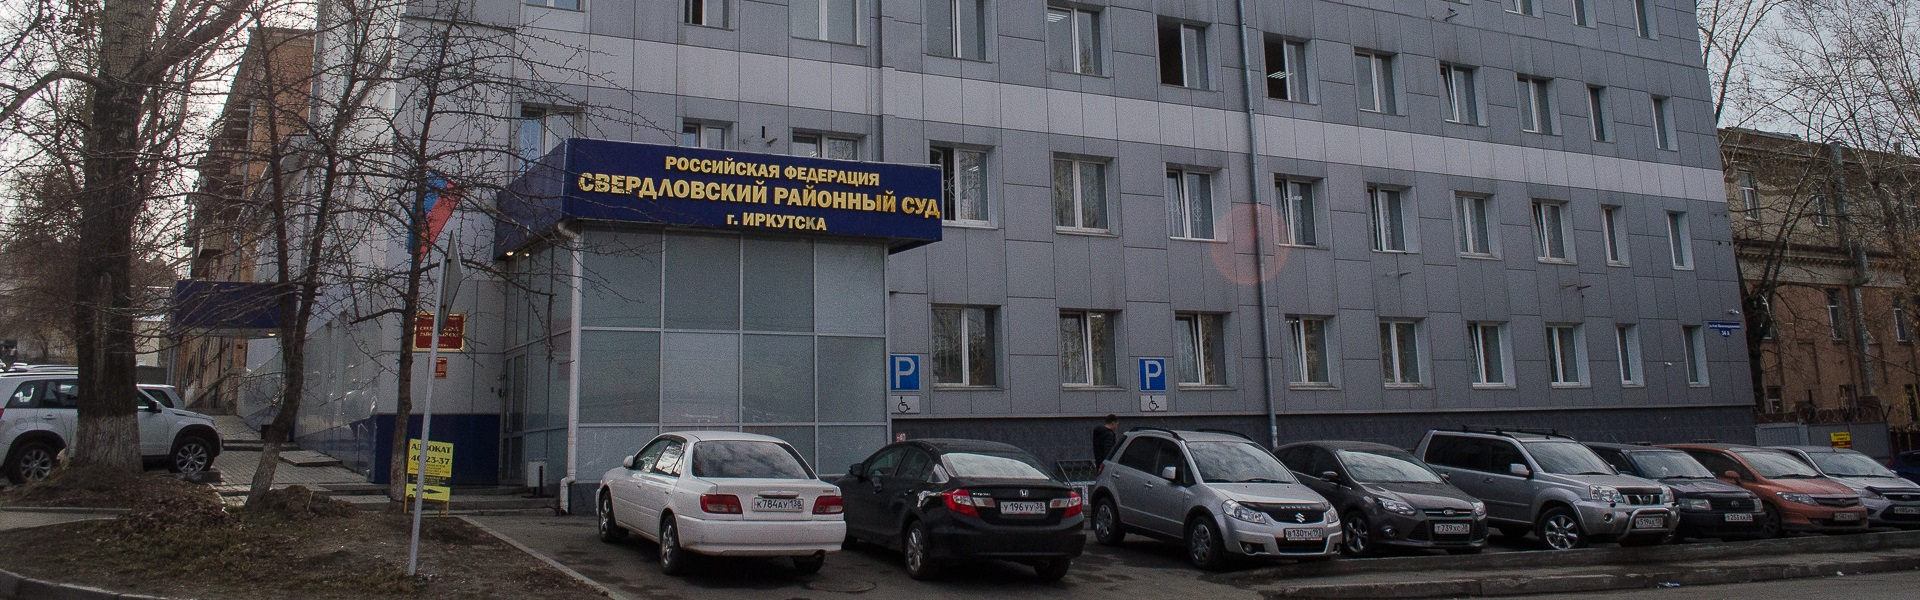 Расстрел директора стройфирмы: приговор по громкому делу